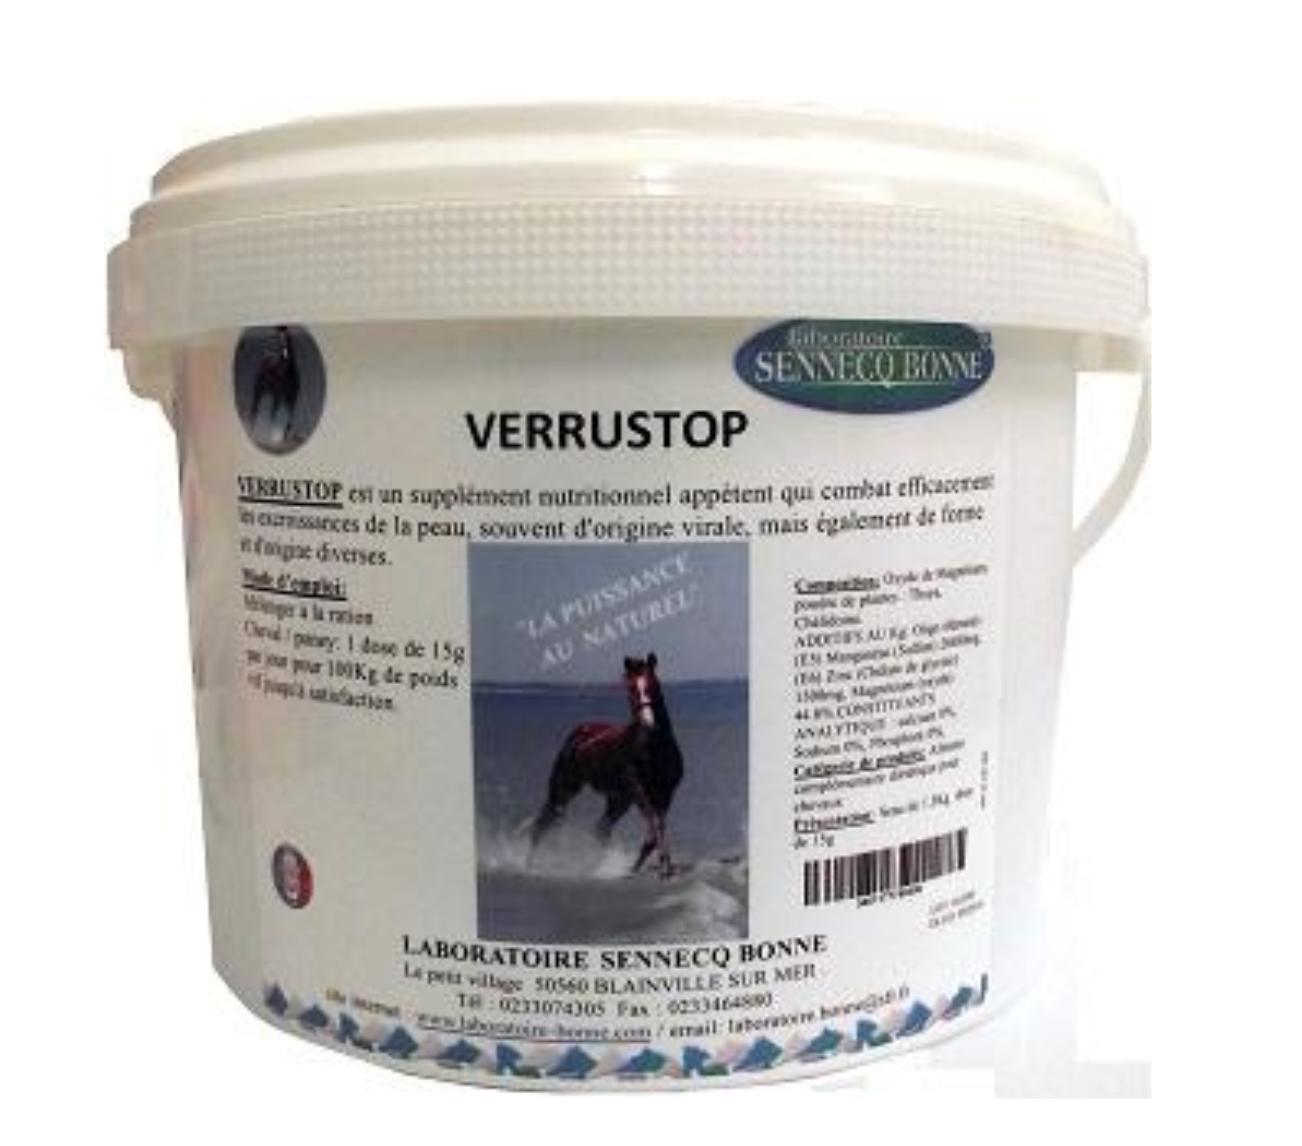 Sennecq Bonne Verrustop Supplément Nutritionnel Combat les Verrues Cheval poudre orale boite de 1,5kg